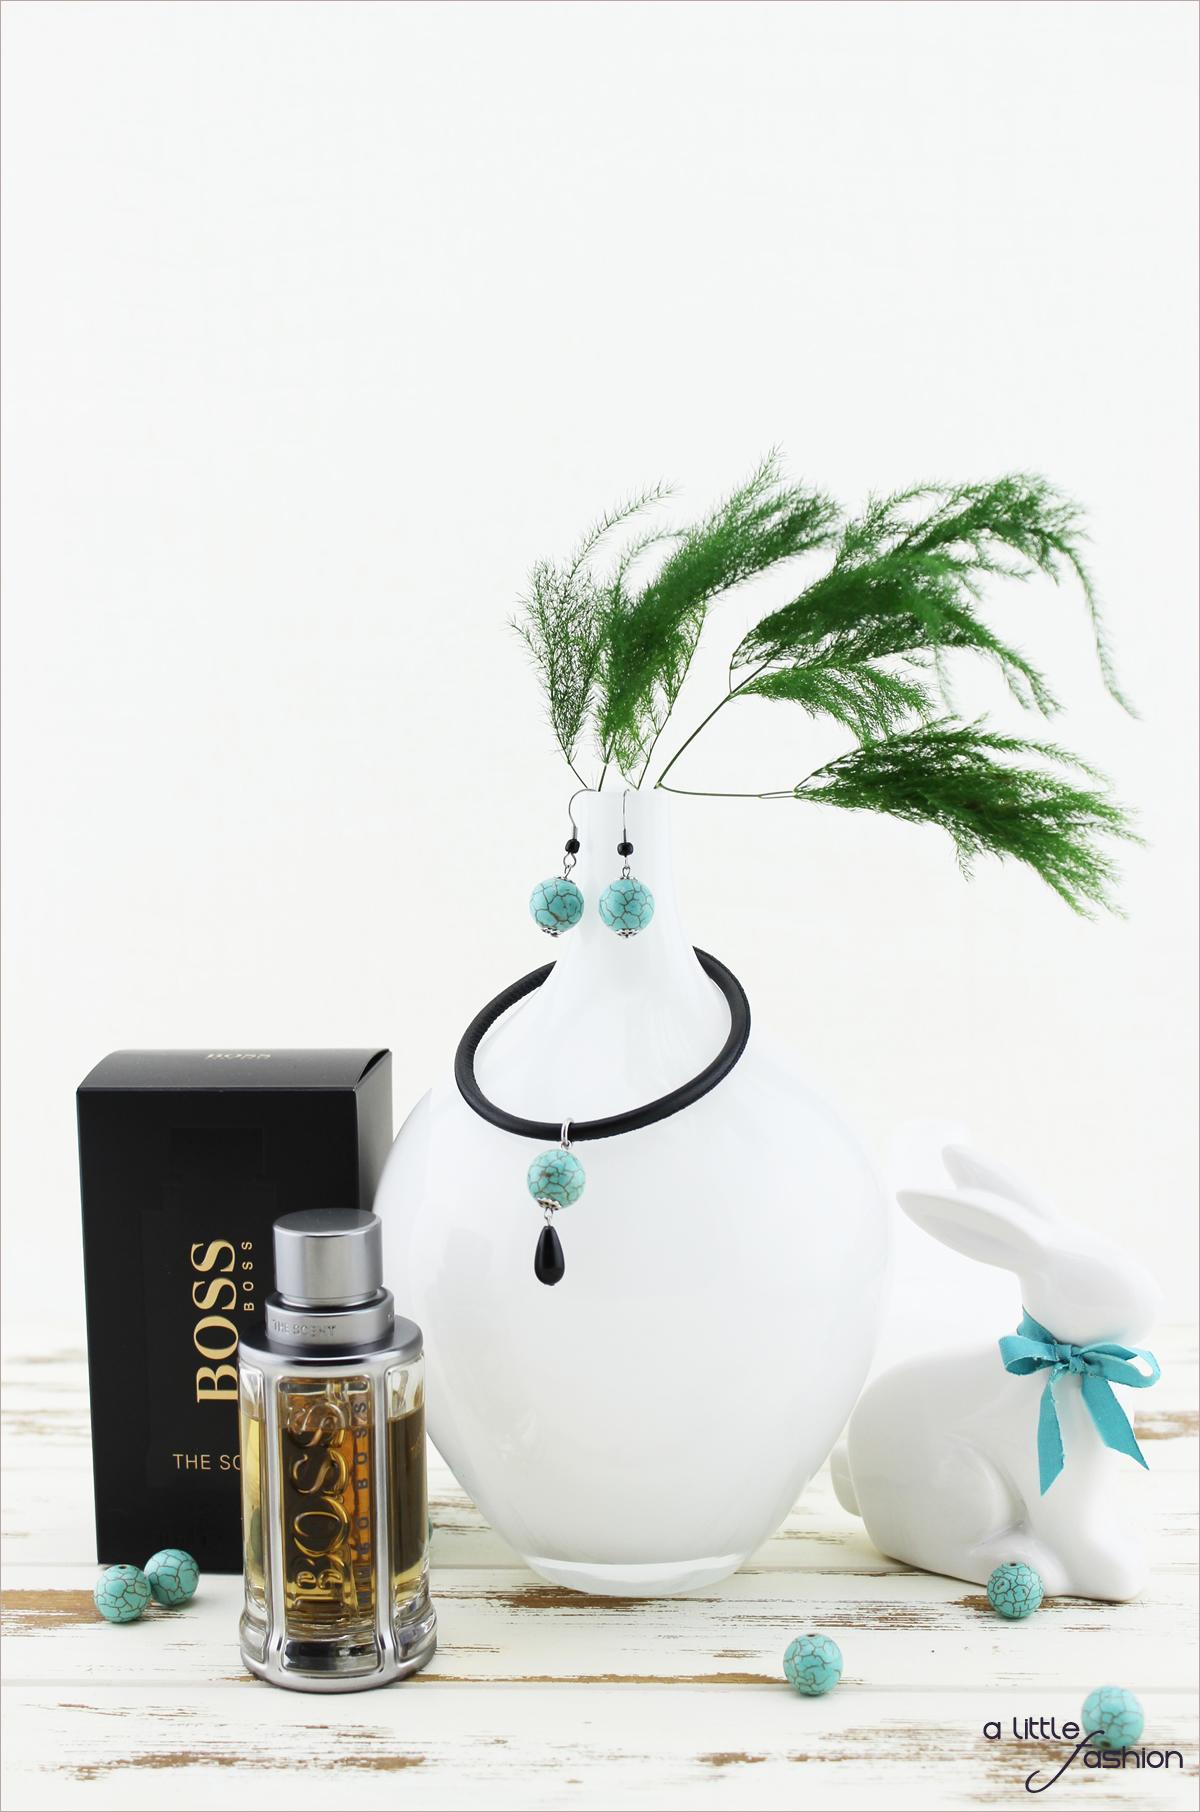 beauty_fashion_ostern_gewinnspiel_boss-scent_schmuck-set4